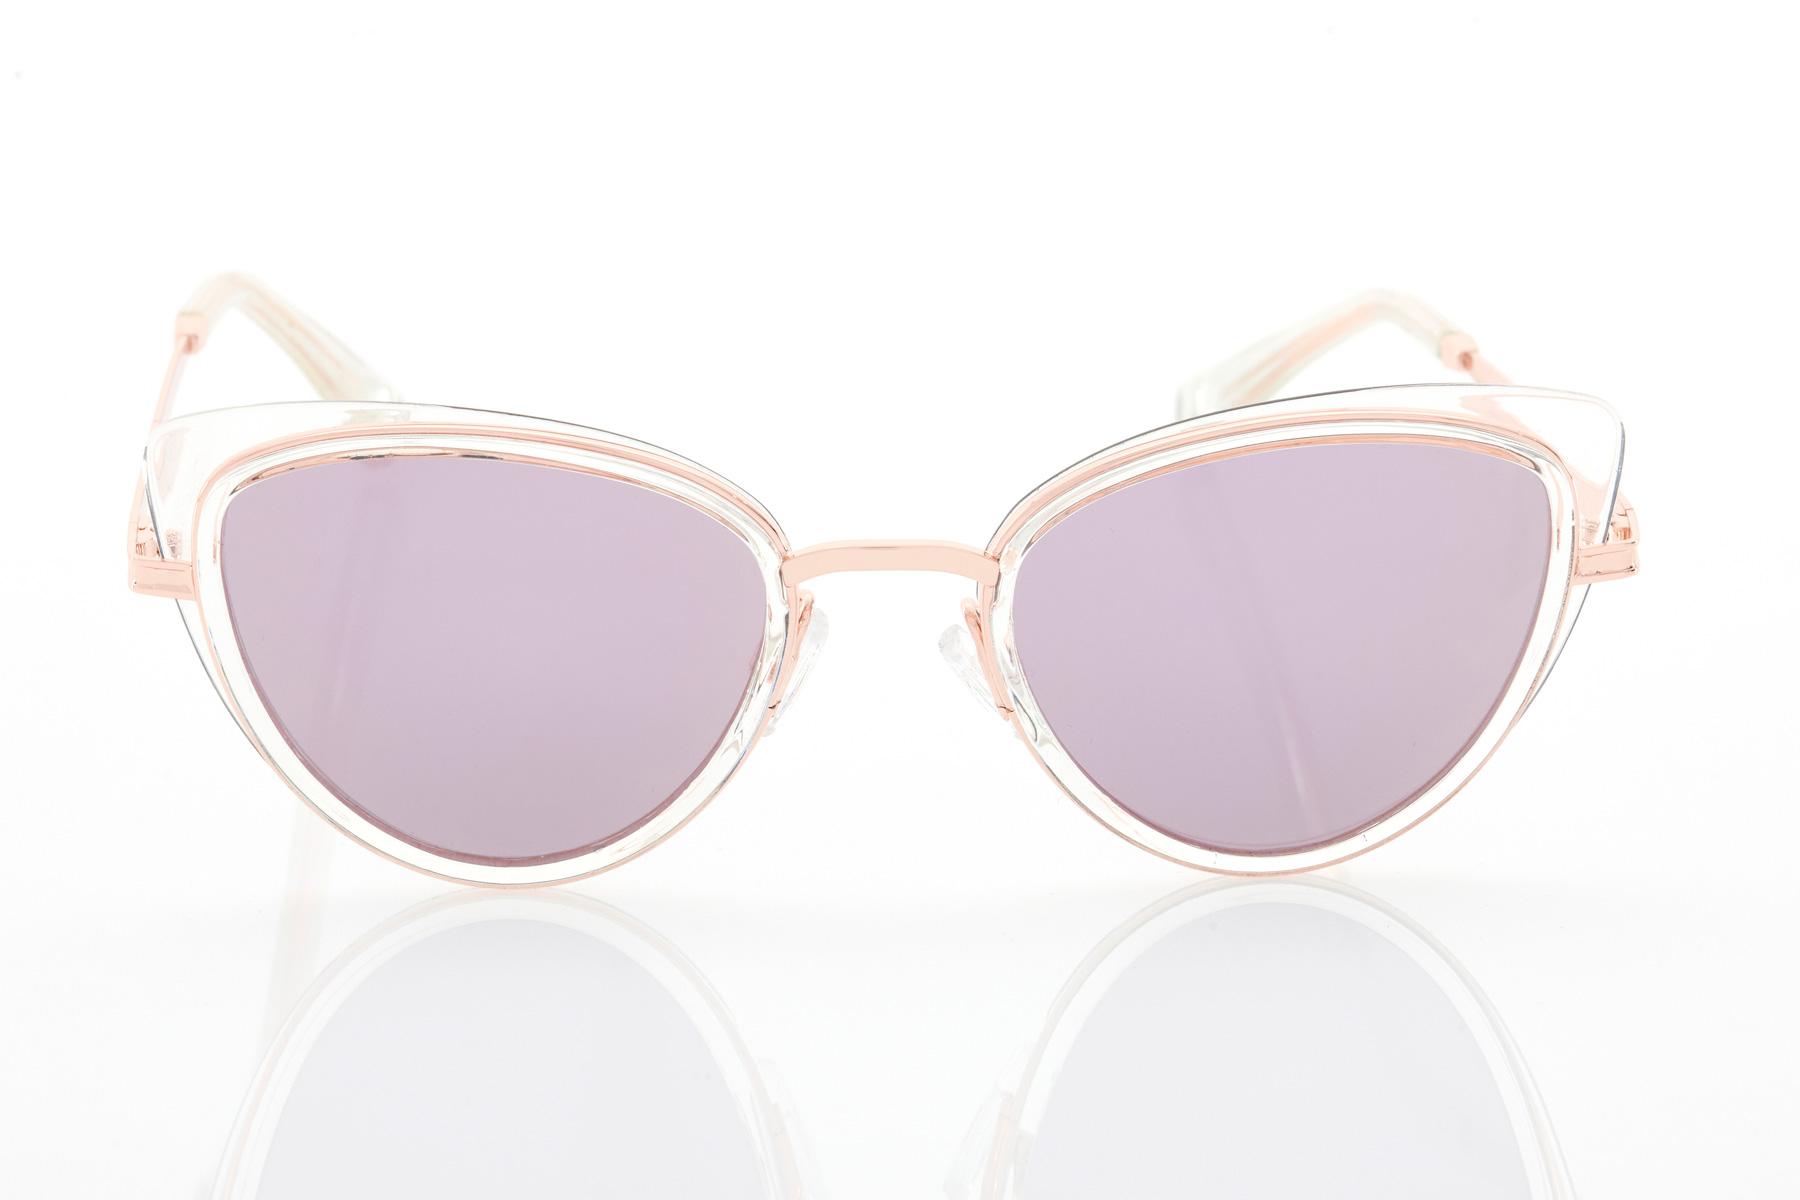 Γυναικεία Ροζ-Χρυσό Γυαλιά Ηλίου Hawkers Feline Air Rose Gold